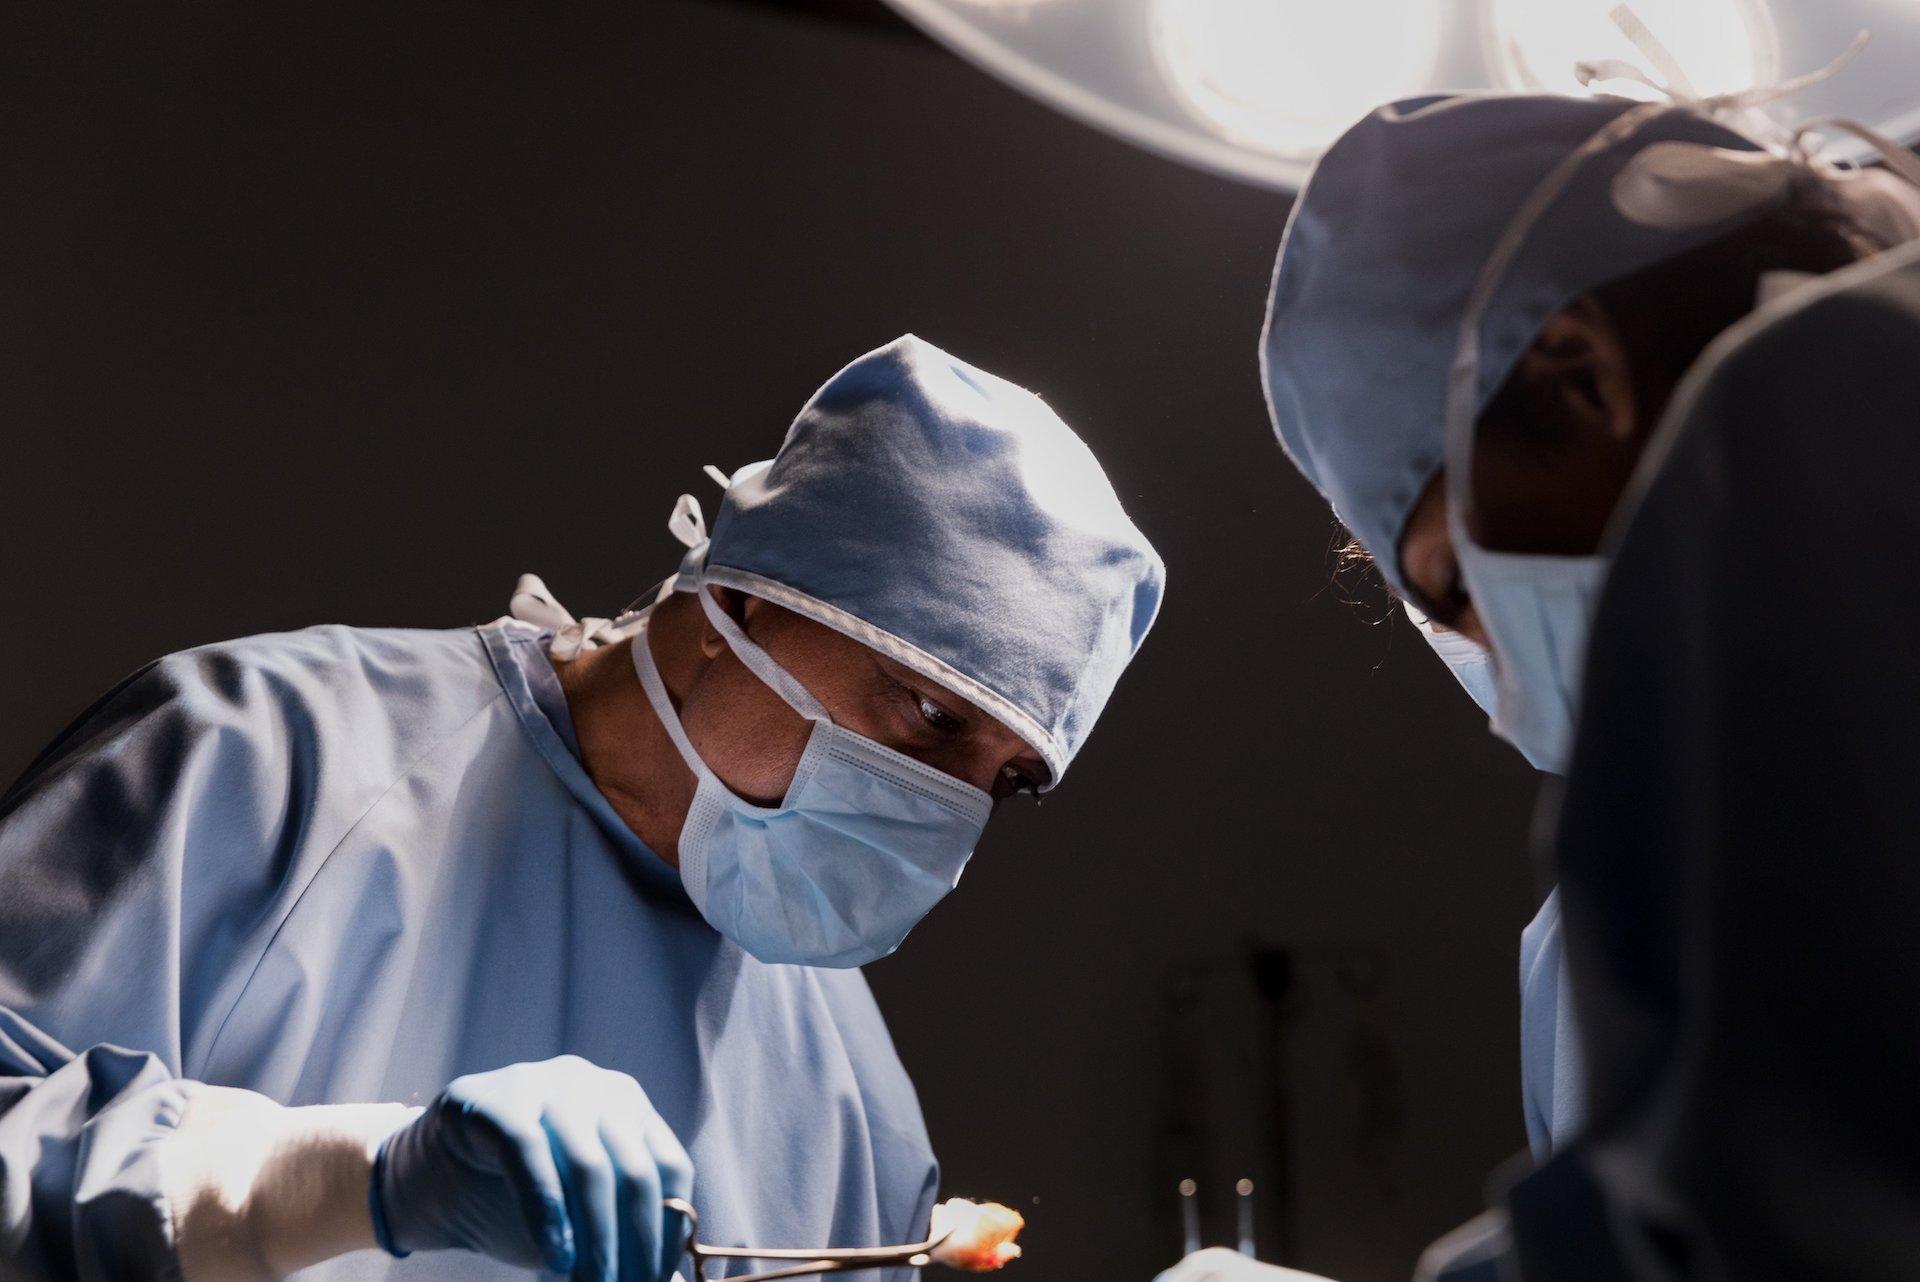 Augmentation et réduction mammaire, l'essentiel derrière le superficiel